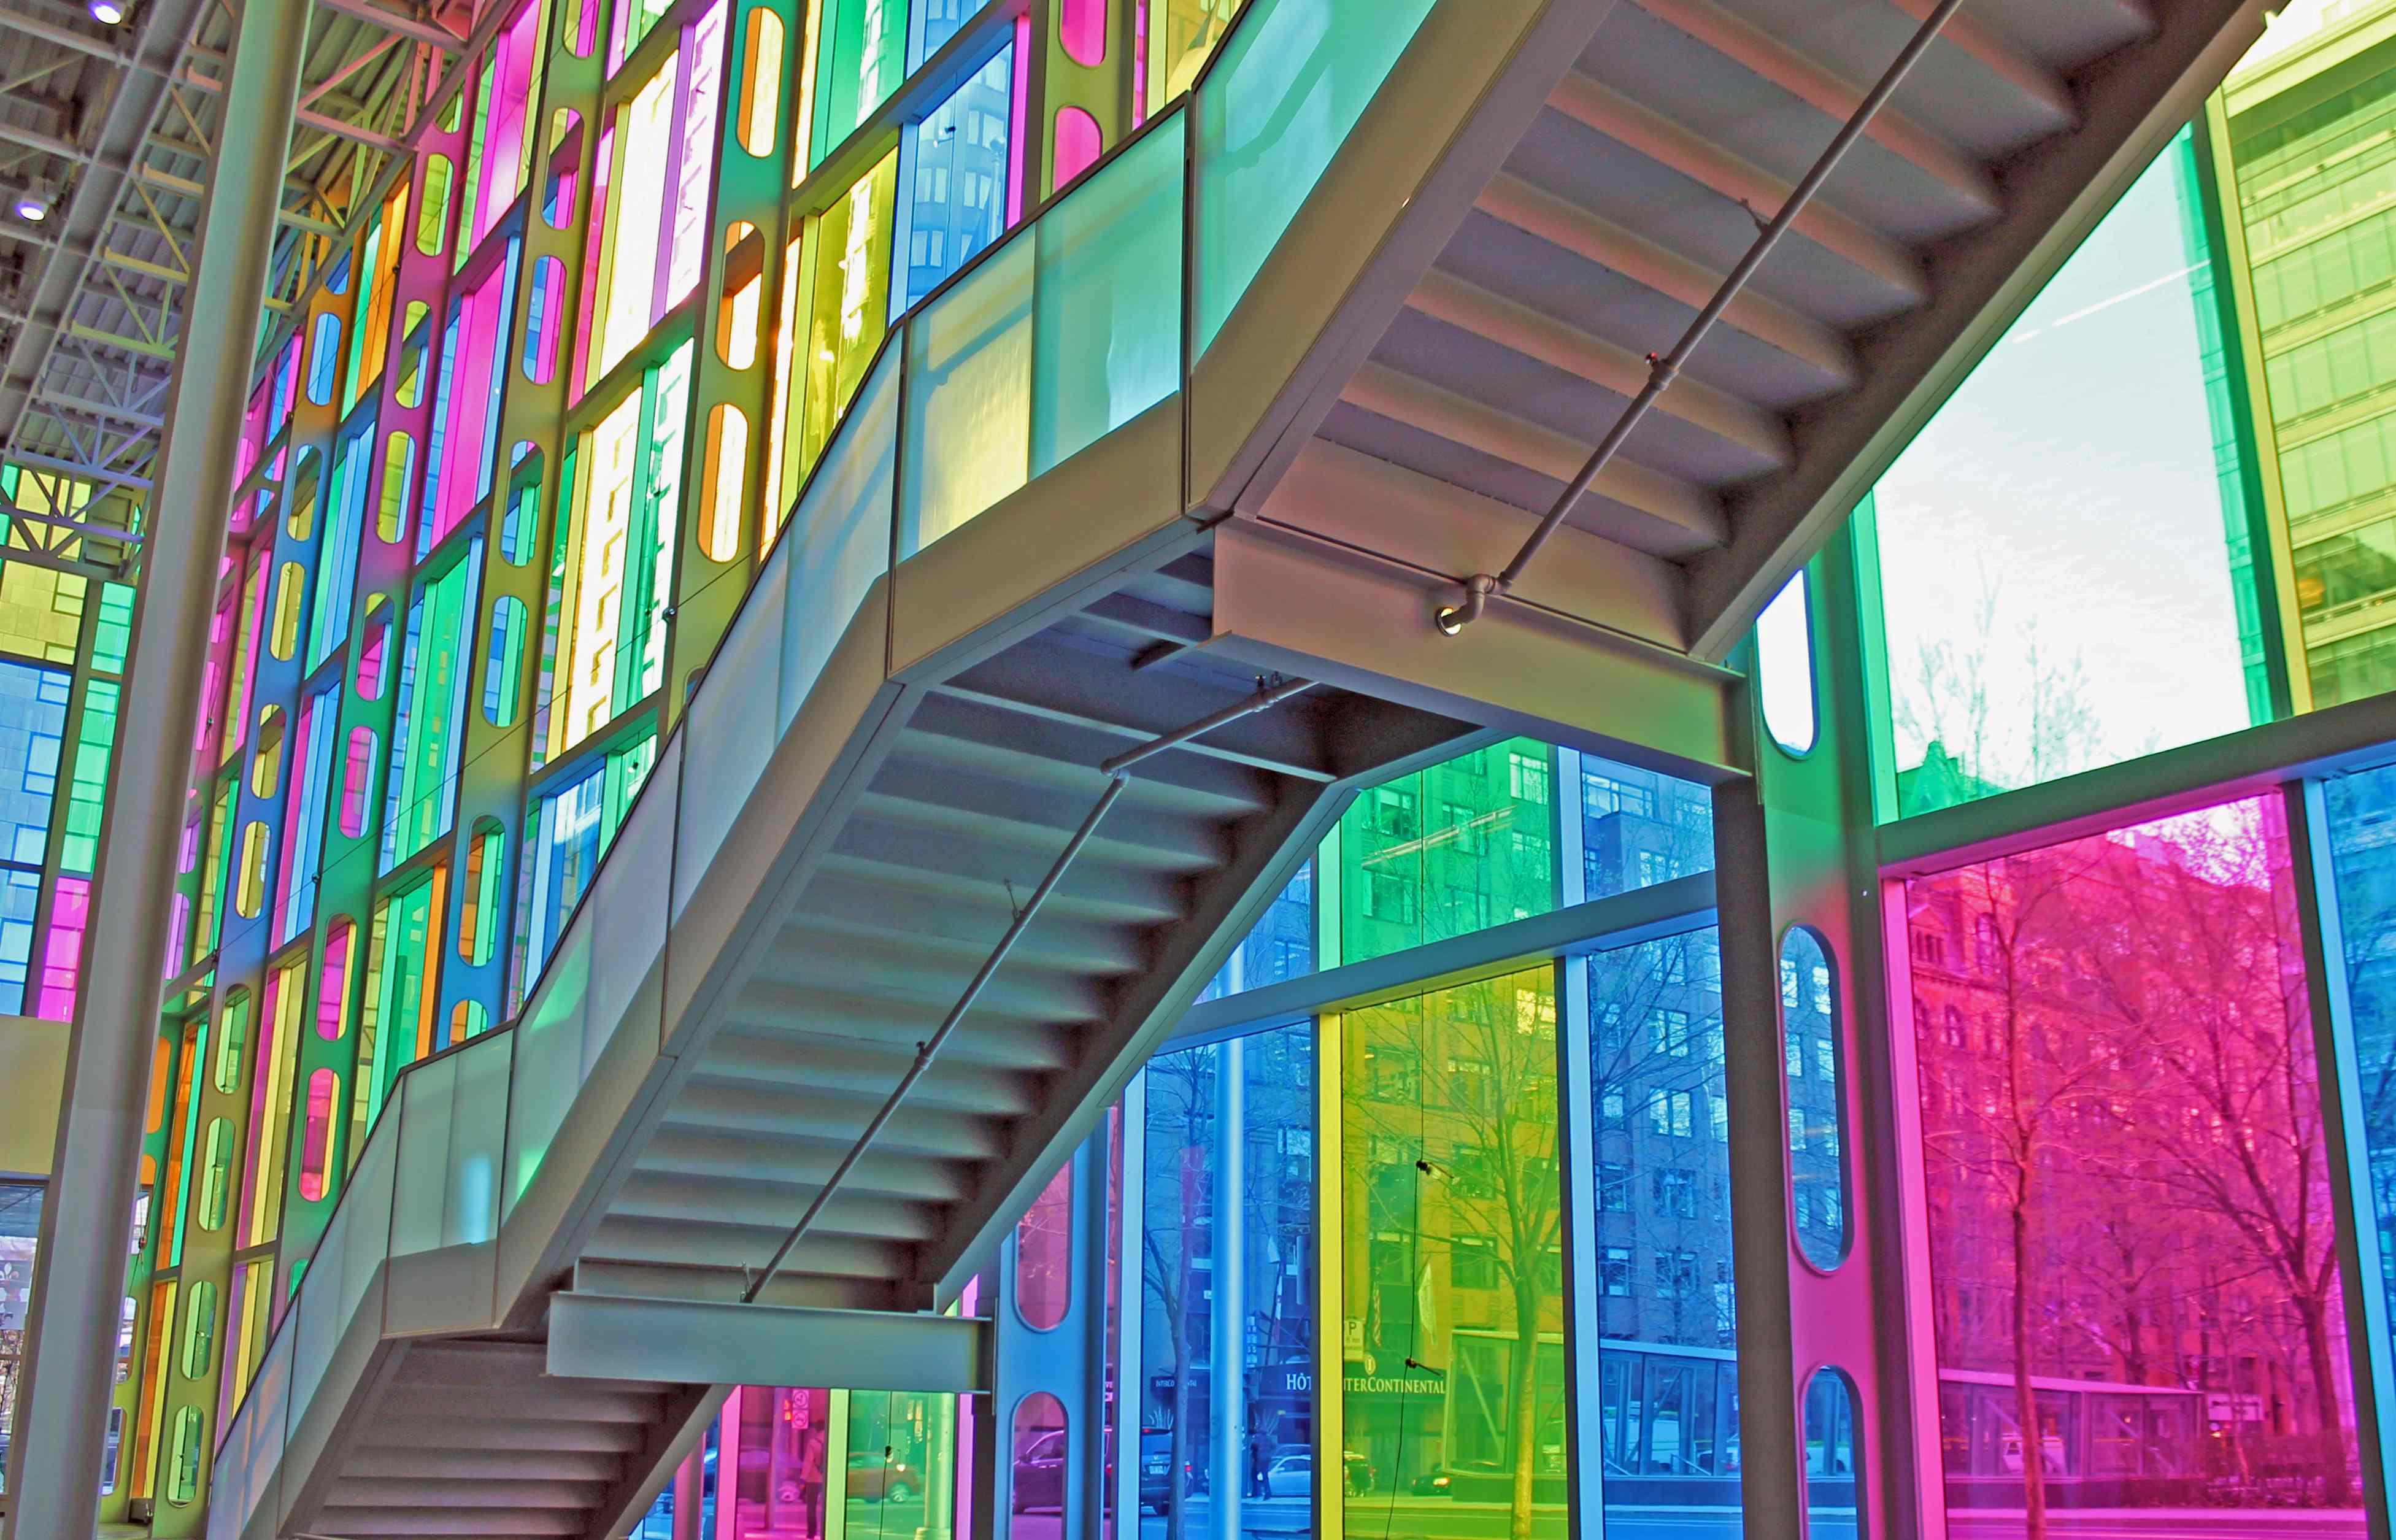 Palais de Congres de Montreal - Focal Journey